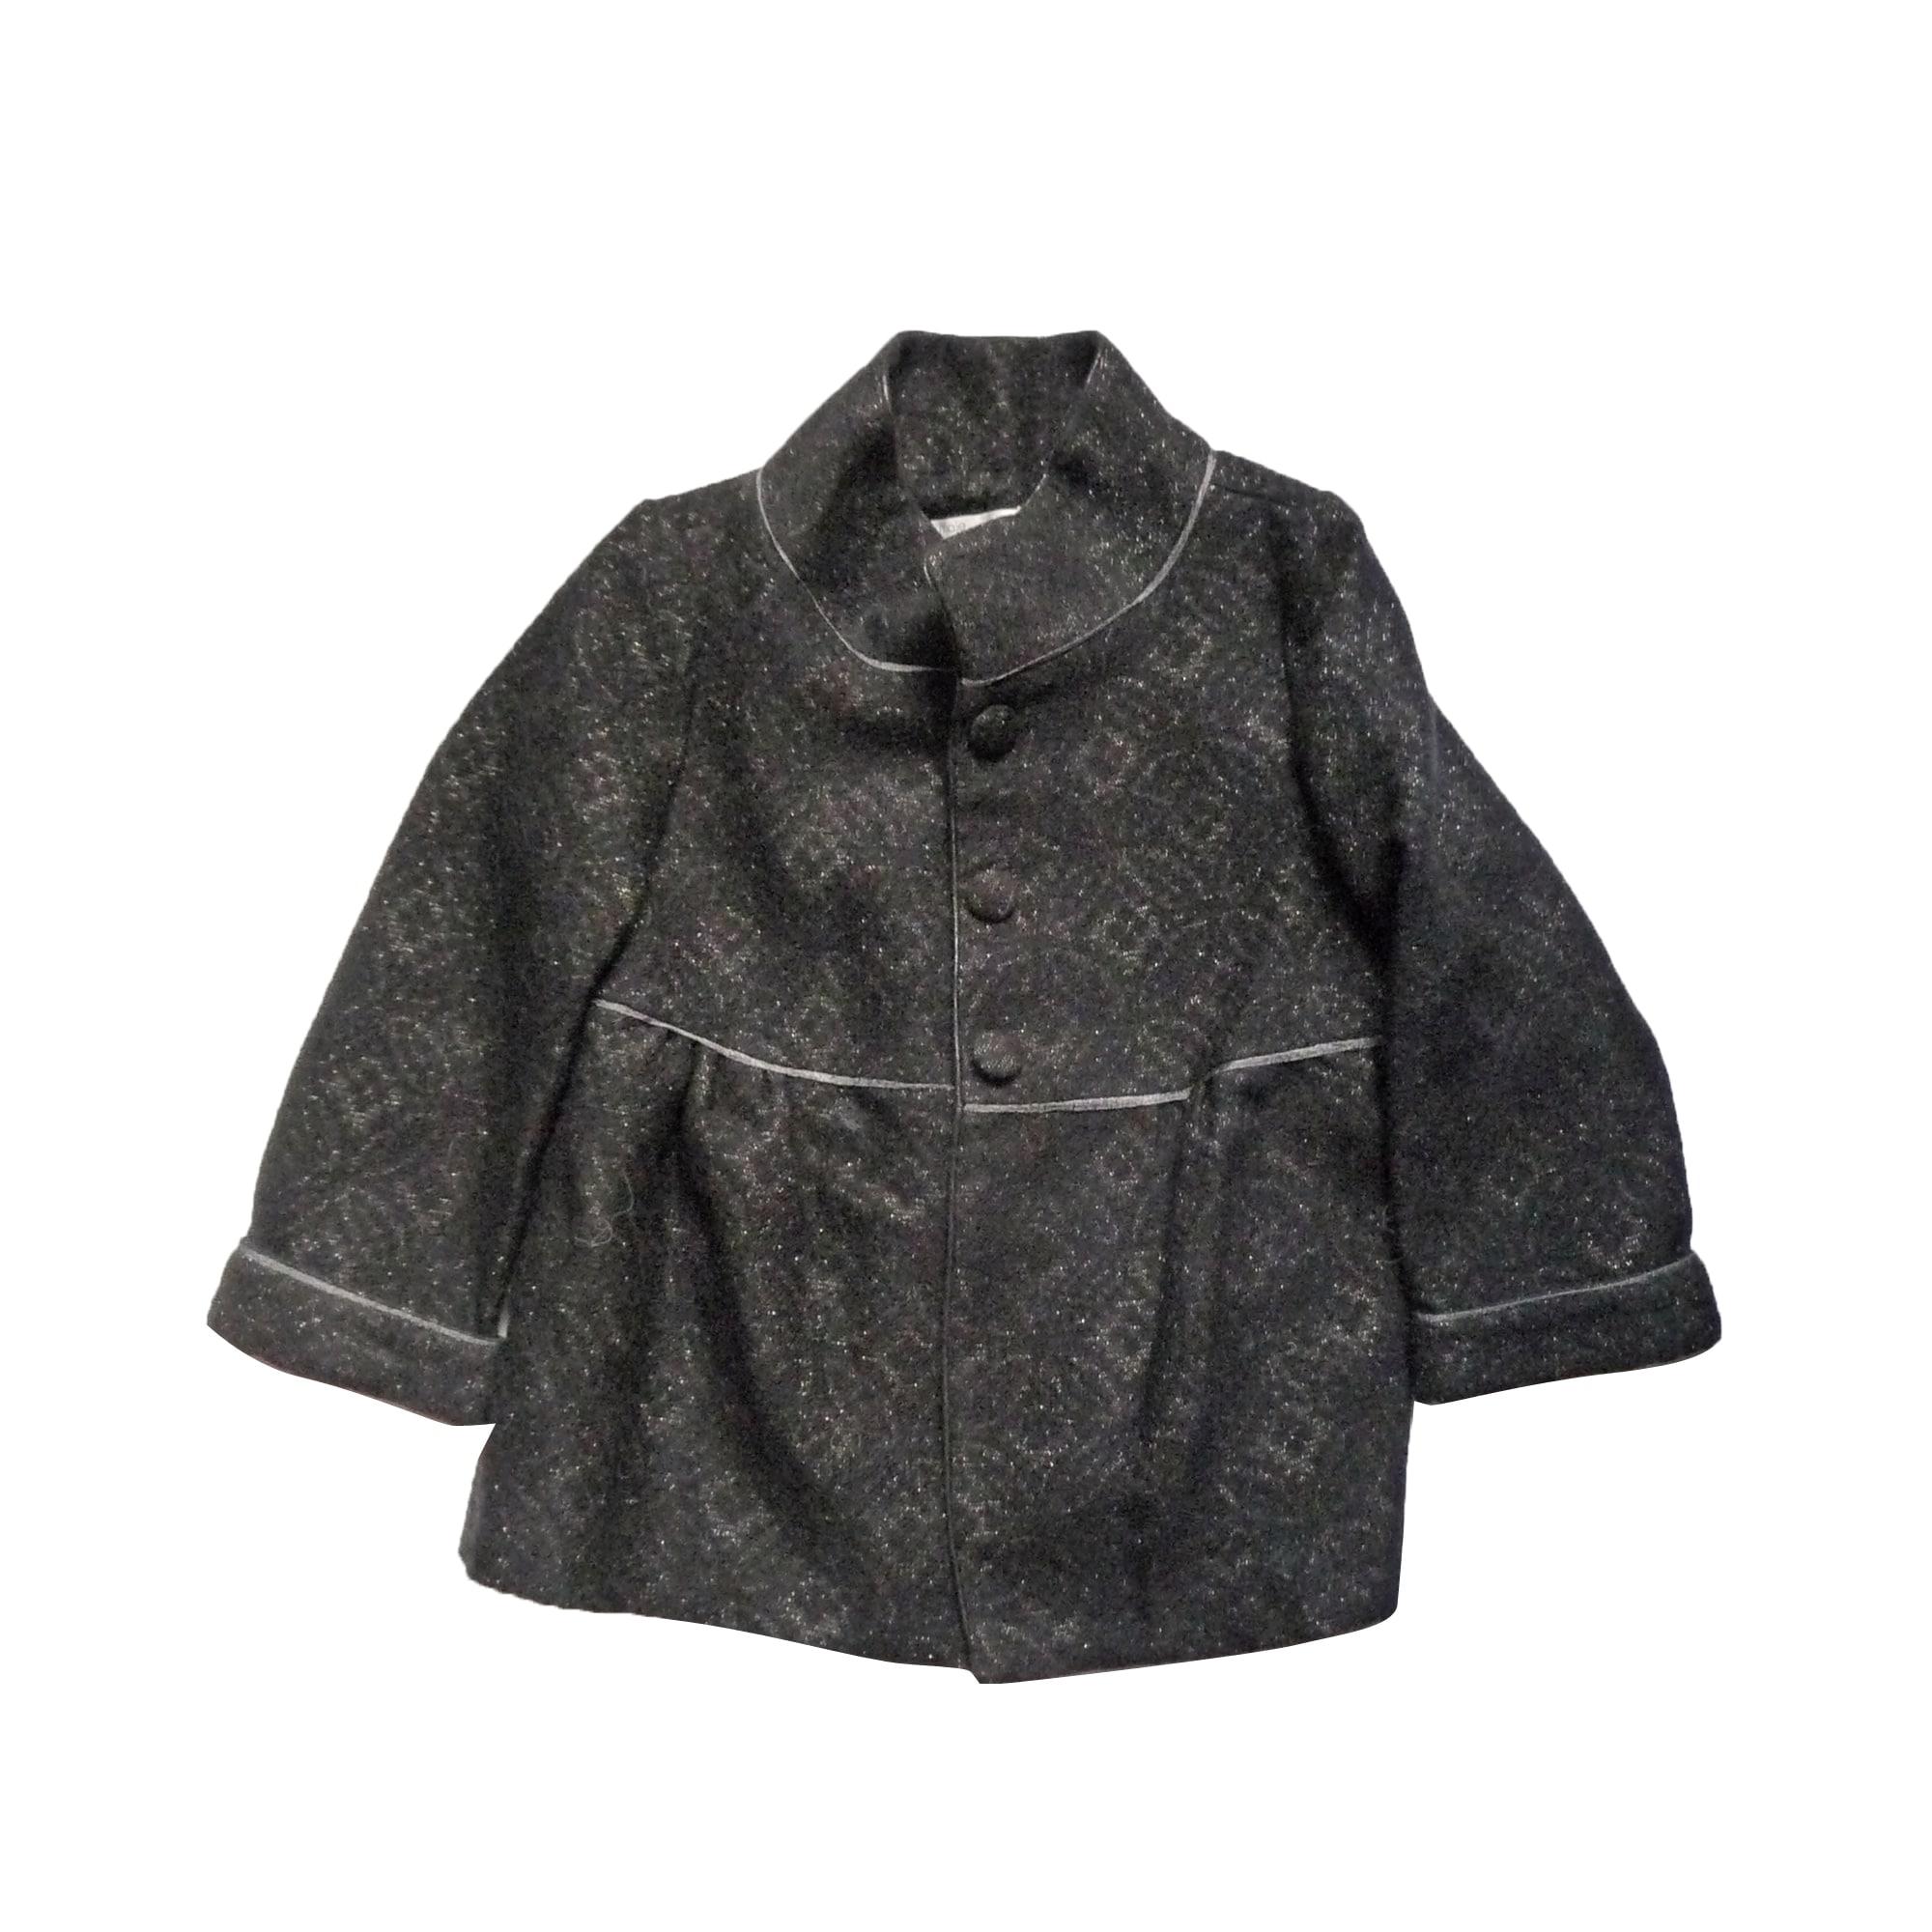 Maje Parka polyester 36 (S, T1)